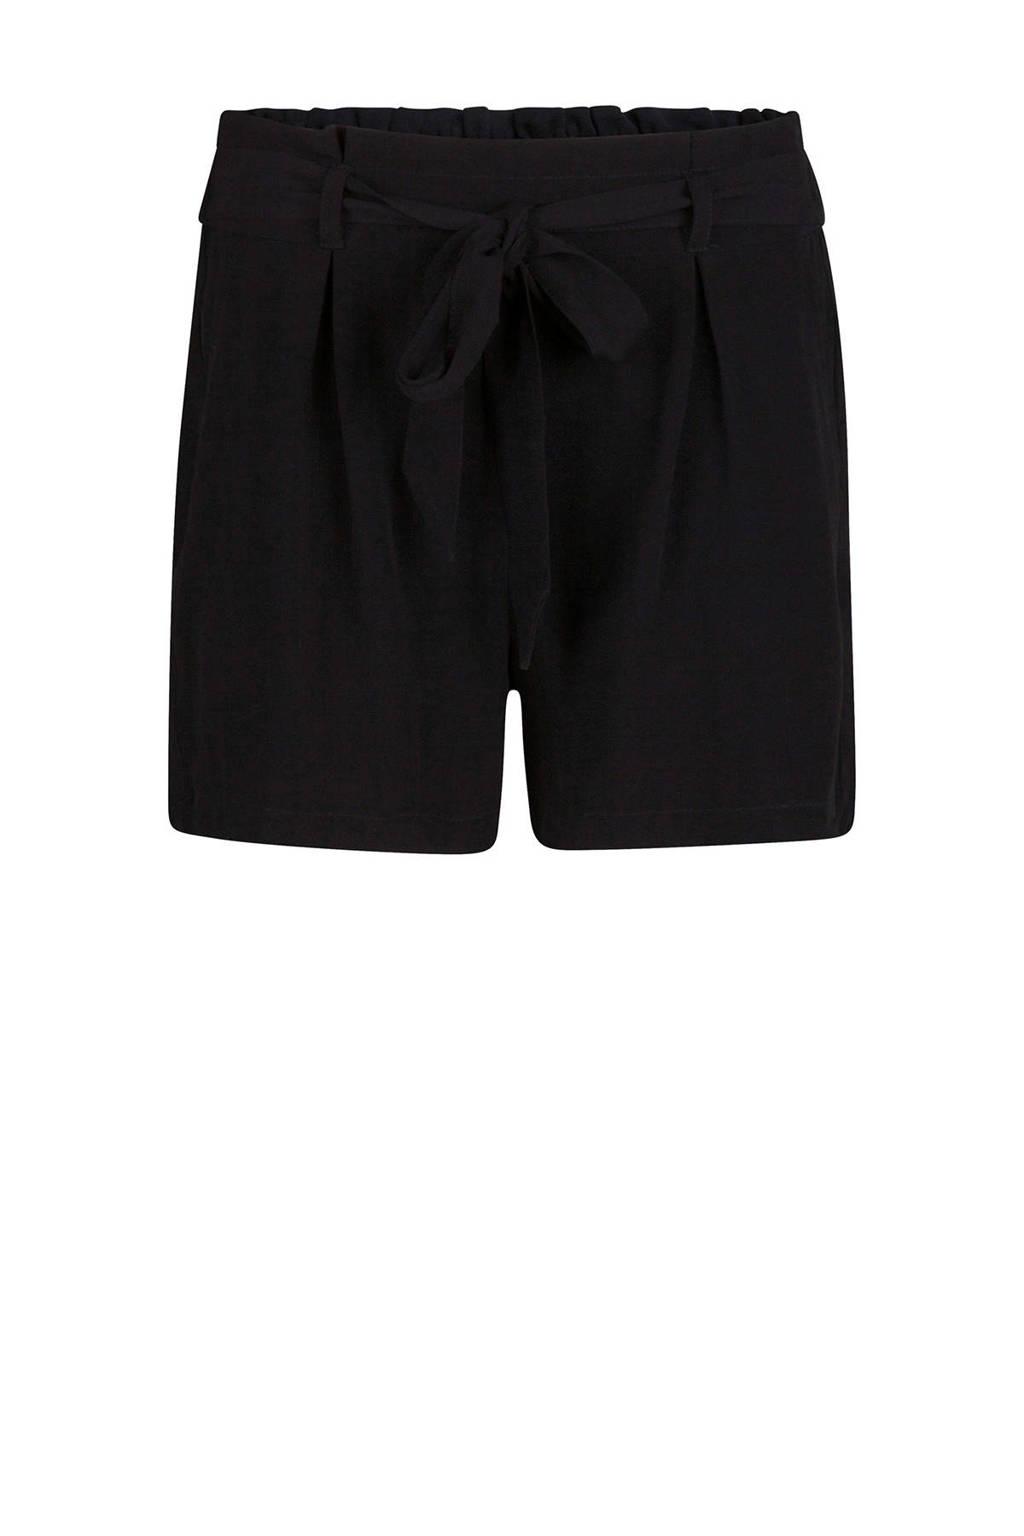 WE Fashion short met panterprint, Zwart